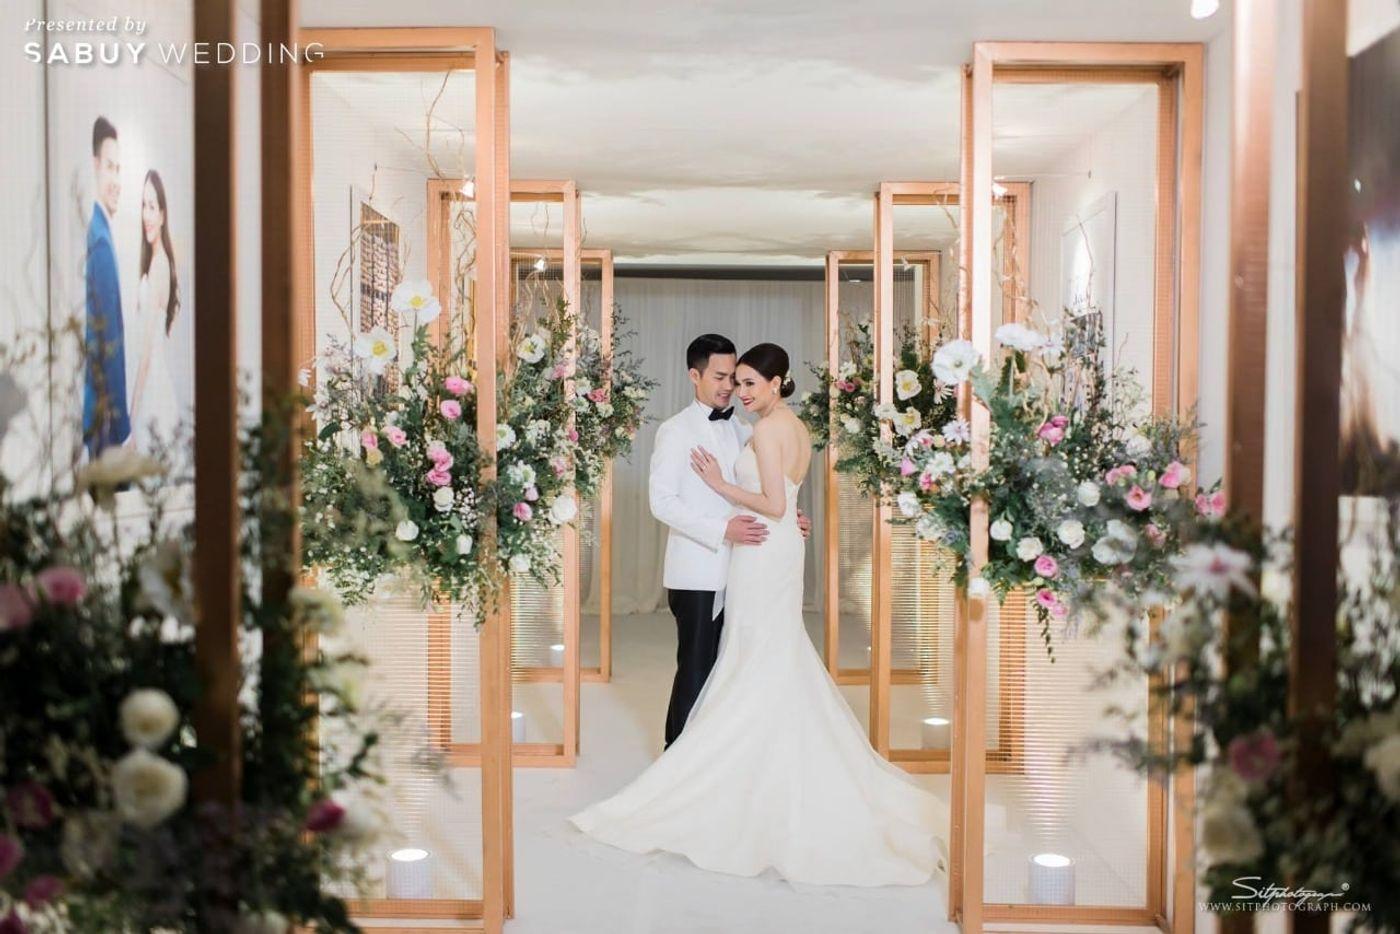 บ่าวสาว,ชุดบ่าวสาว,ชุดเจ้าสาว,ชุดเจ้าบ่าว,จัดดอกไม้งานแต่ง,ตกแต่งงานแต่ง รีวิวงานแต่งแห่งปีของอยุธยา หรูหราด้วยโทนสี Rose Gold @Krungsri River Hotel